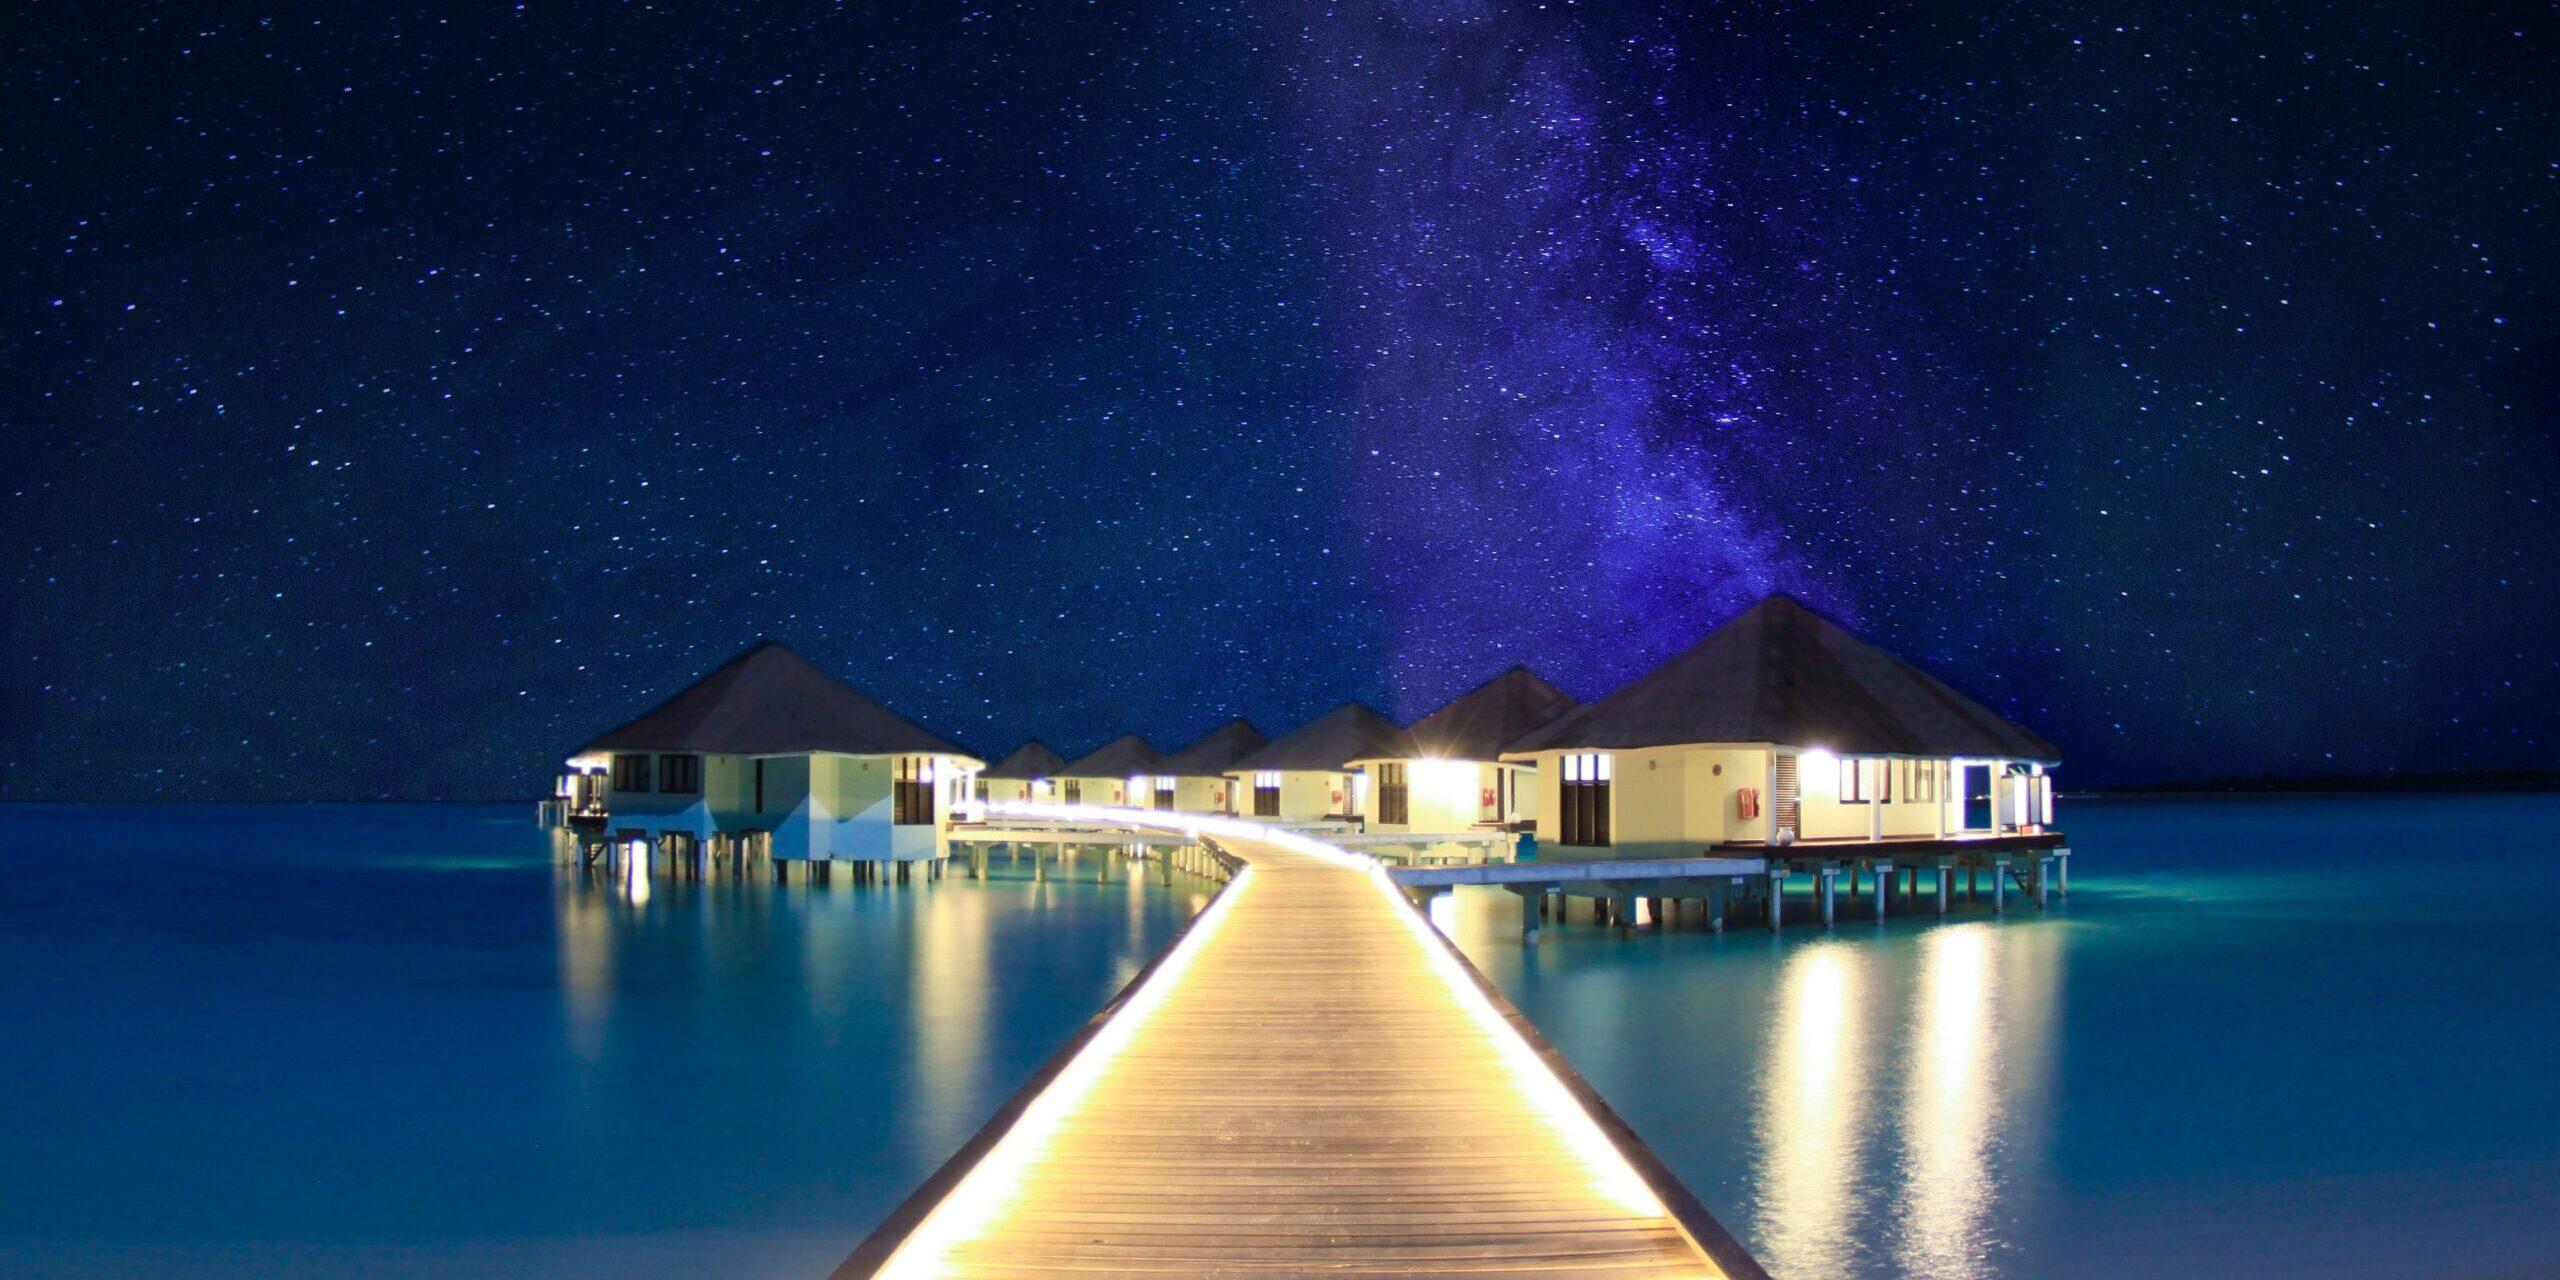 Reisen in Style Magazin - Malediven Bucketlist - Sternenhimmel Malediven